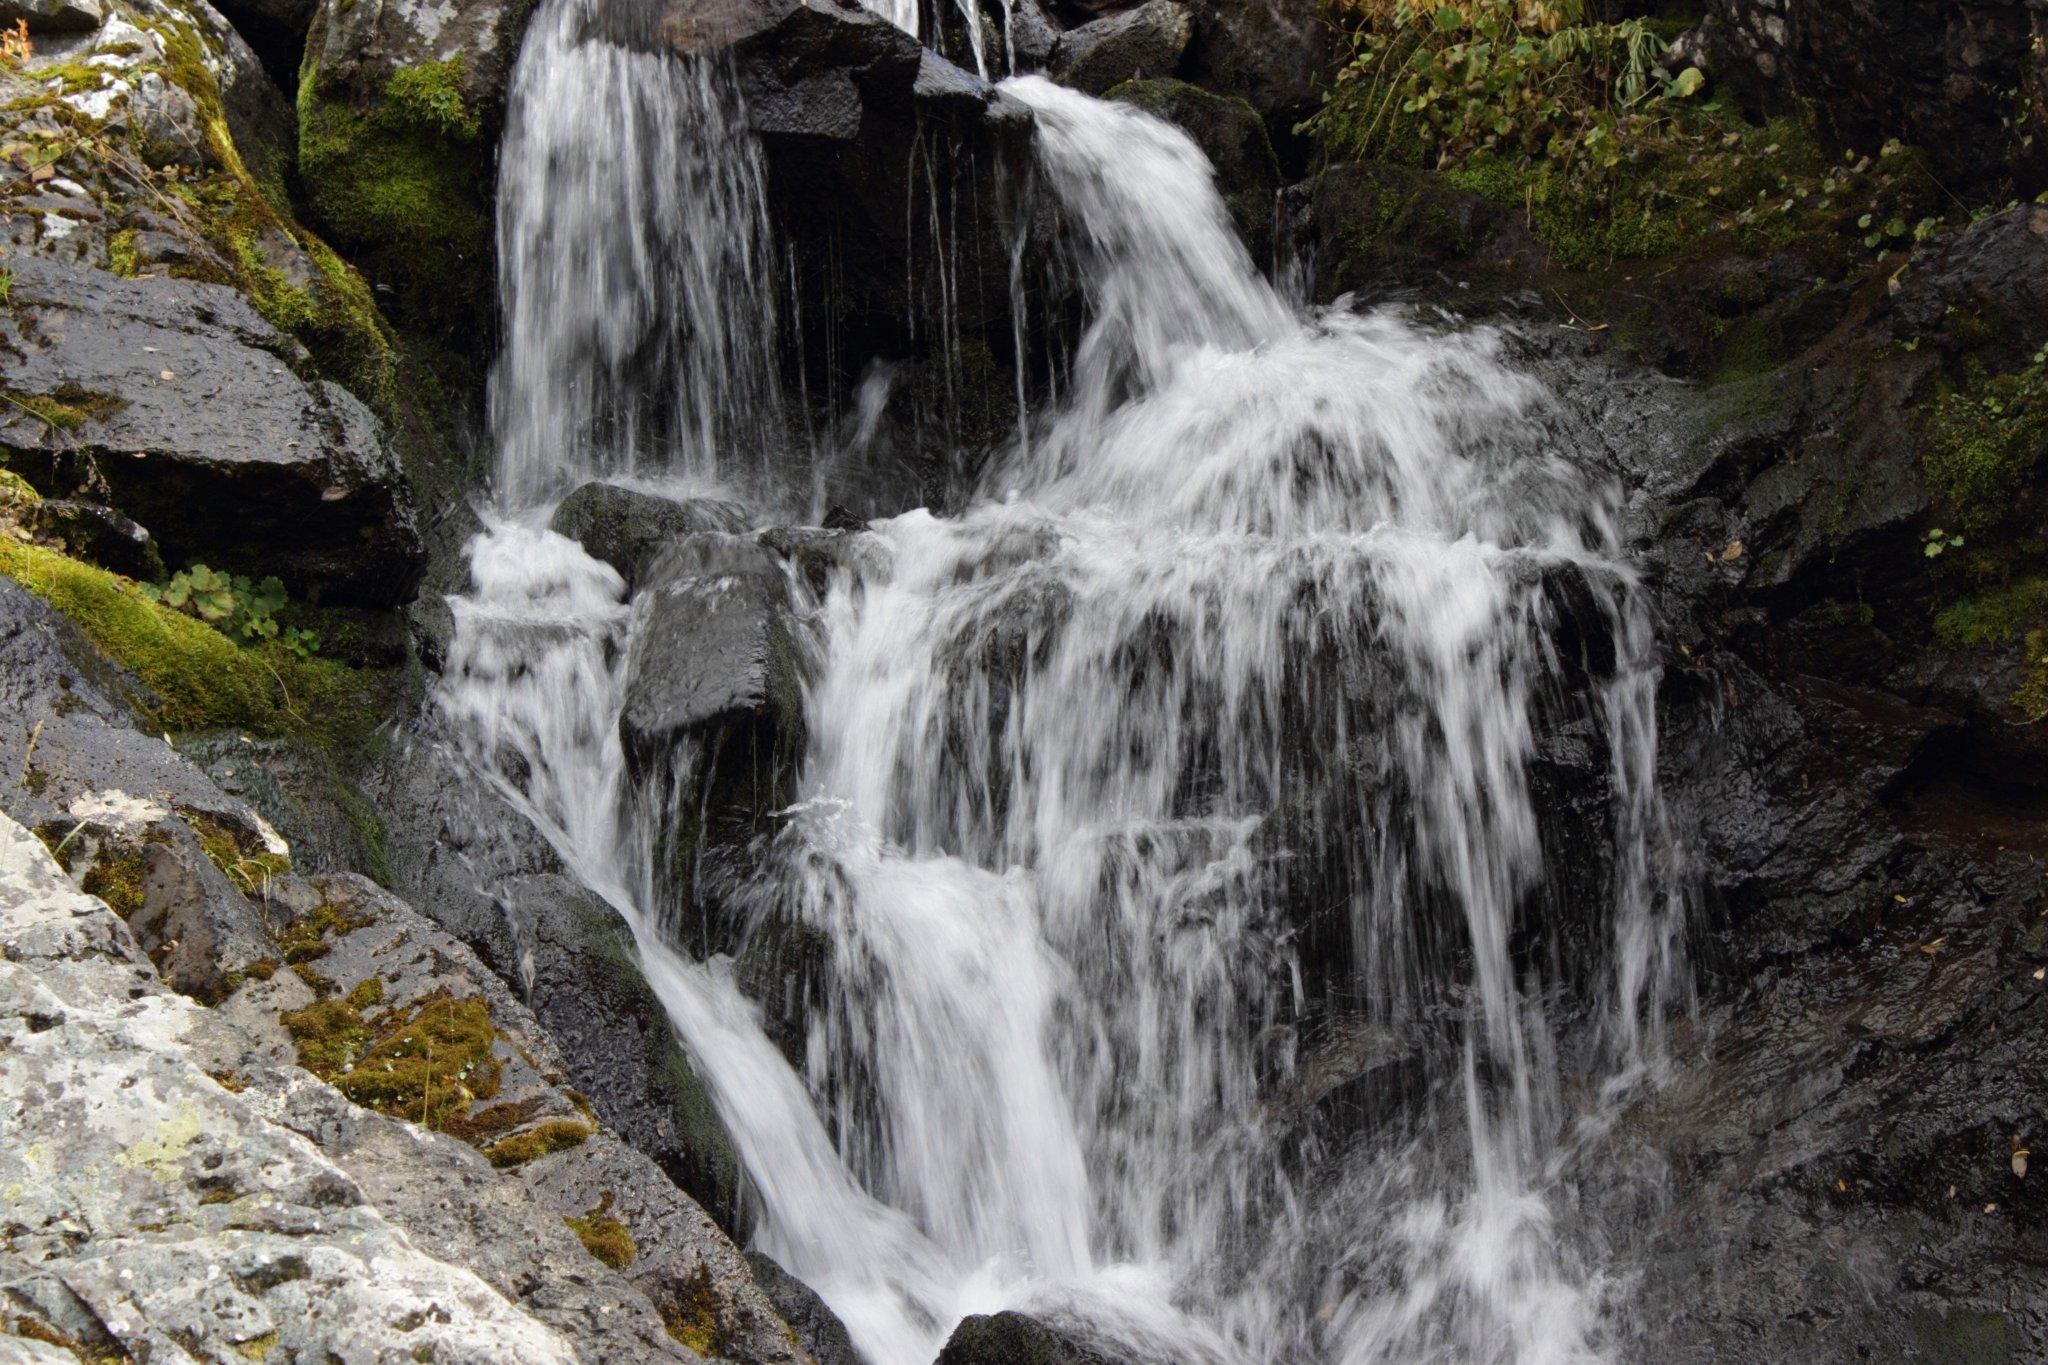 водопады алтая фото с описанием группировки сми сравнивали